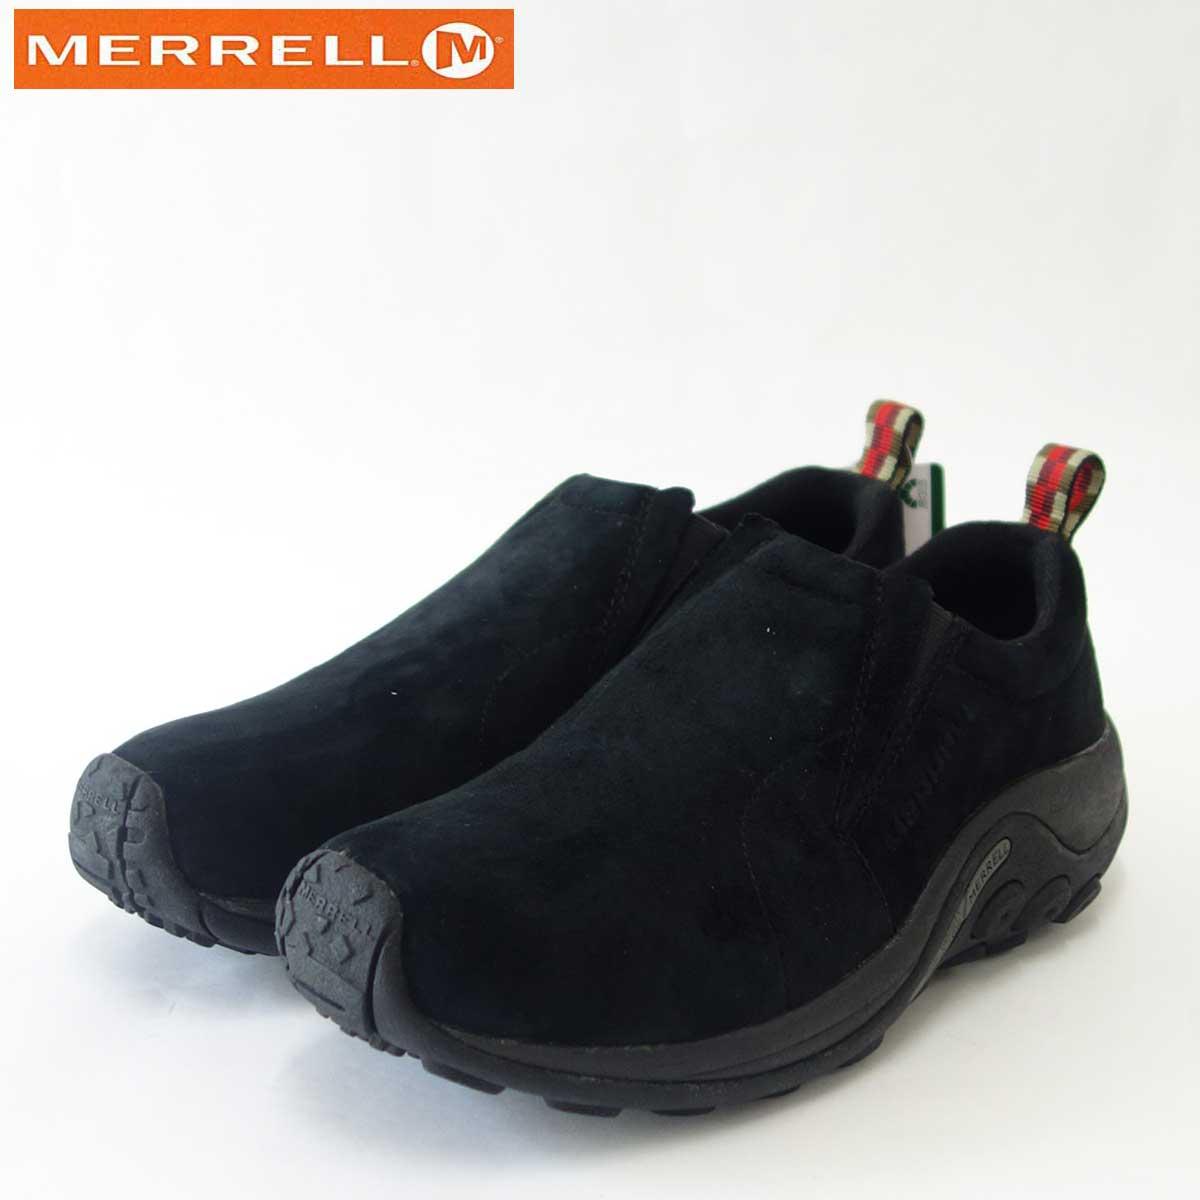 MERRELL メレル ジャングルモックJungle Moc(メンズ)60825 ミッドナイトエアークッションで快適ウォーク「靴」